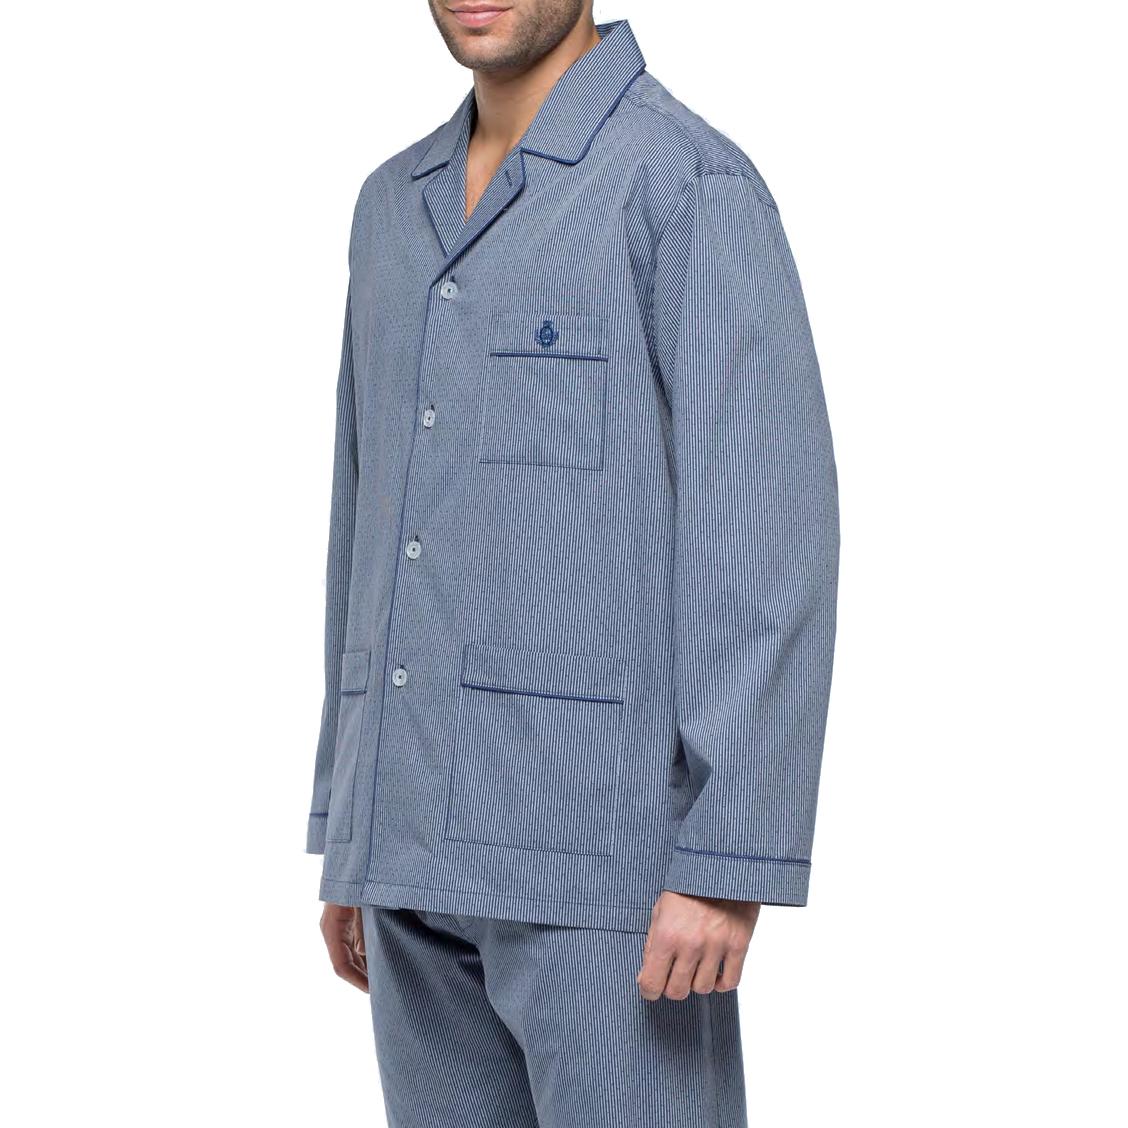 Pyjama long Guasch en popeline de coton : veste boutonnée et pantalon bleu marine à rayures fantaisies blanches